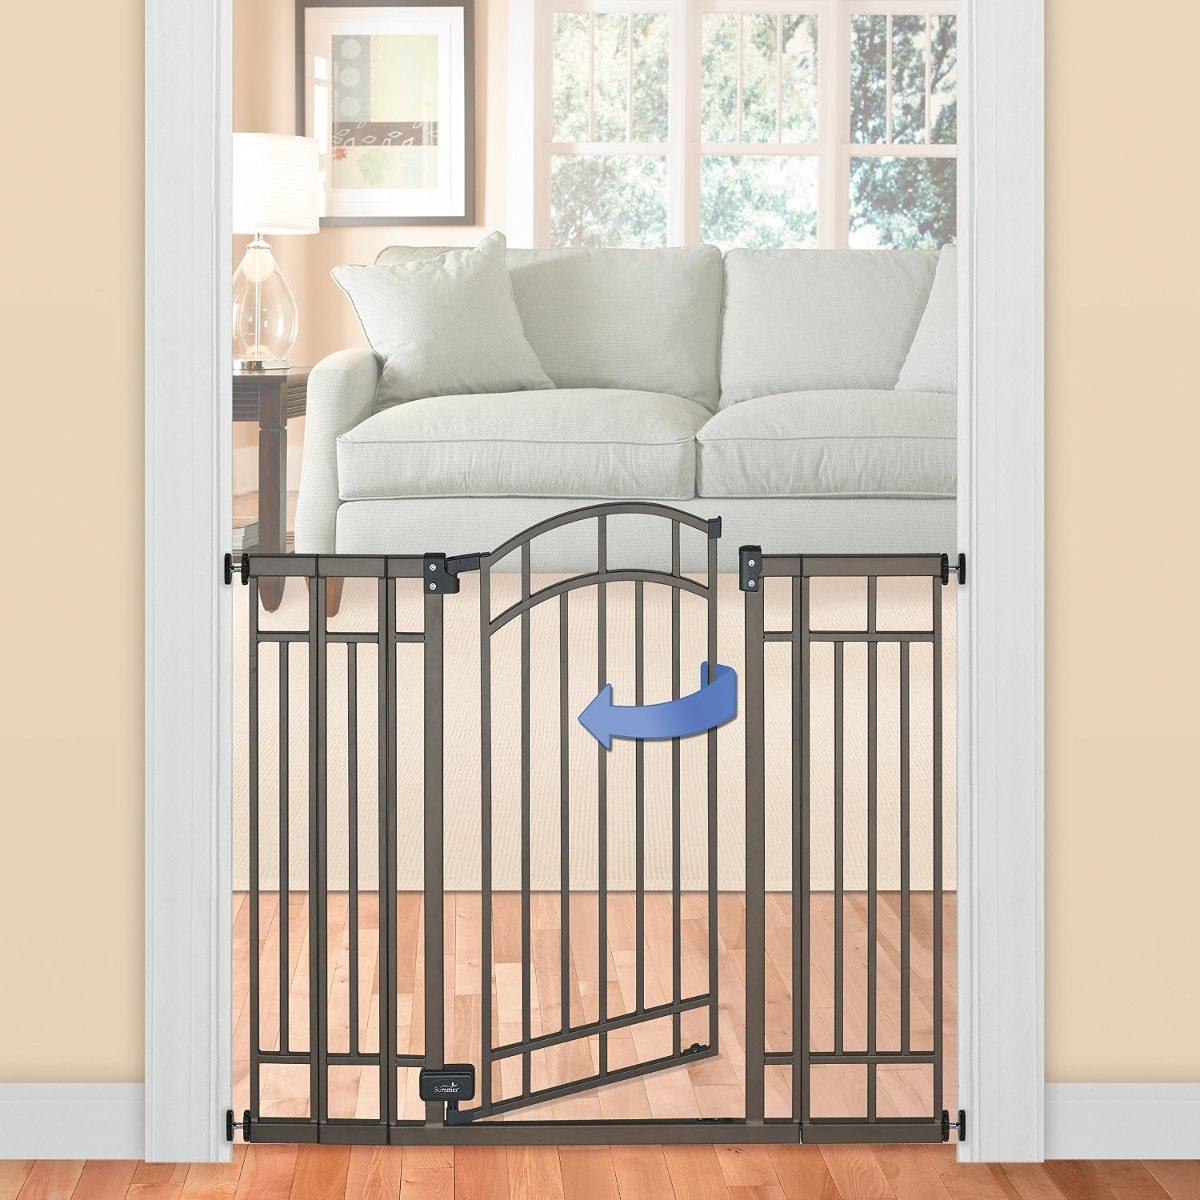 Puerta de seguridad para ni os summer infant acabado - Puertas seguridad ninos ...